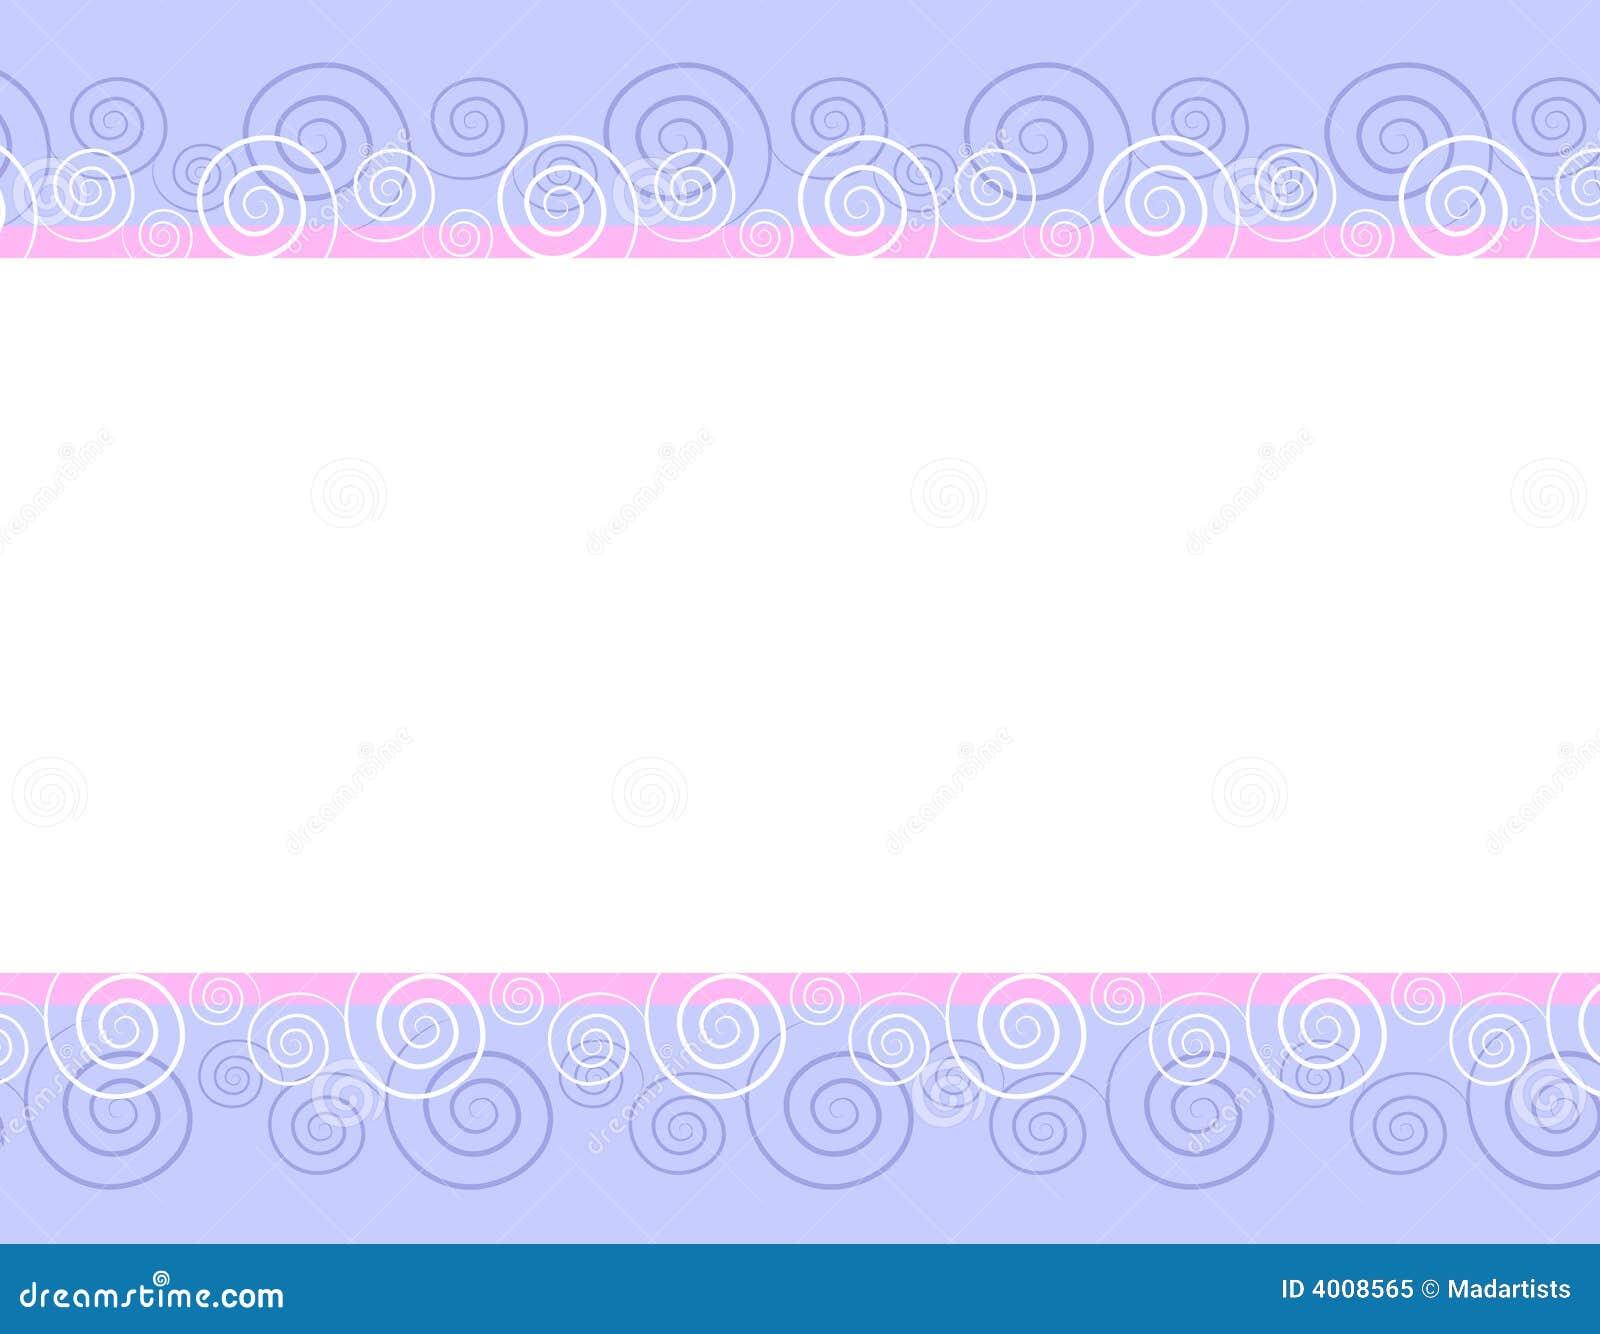 Spring Pink Blue Swirls Border Background